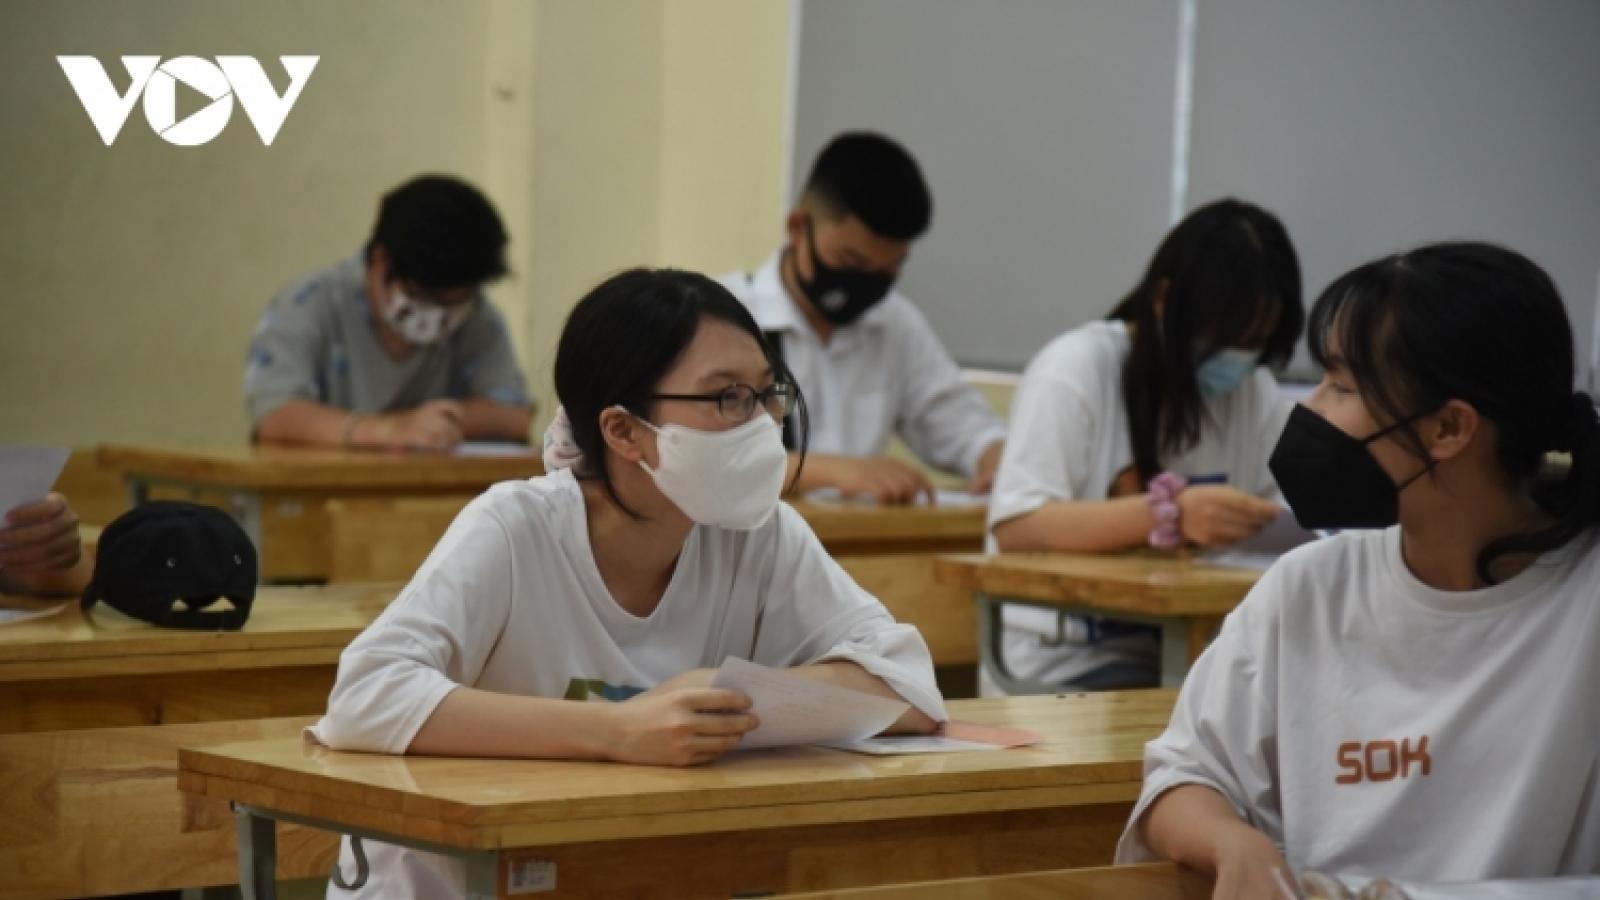 Điểm thi tốt nghiệp THPT 2021: Phản ánh đúng chất lượng dạy và học